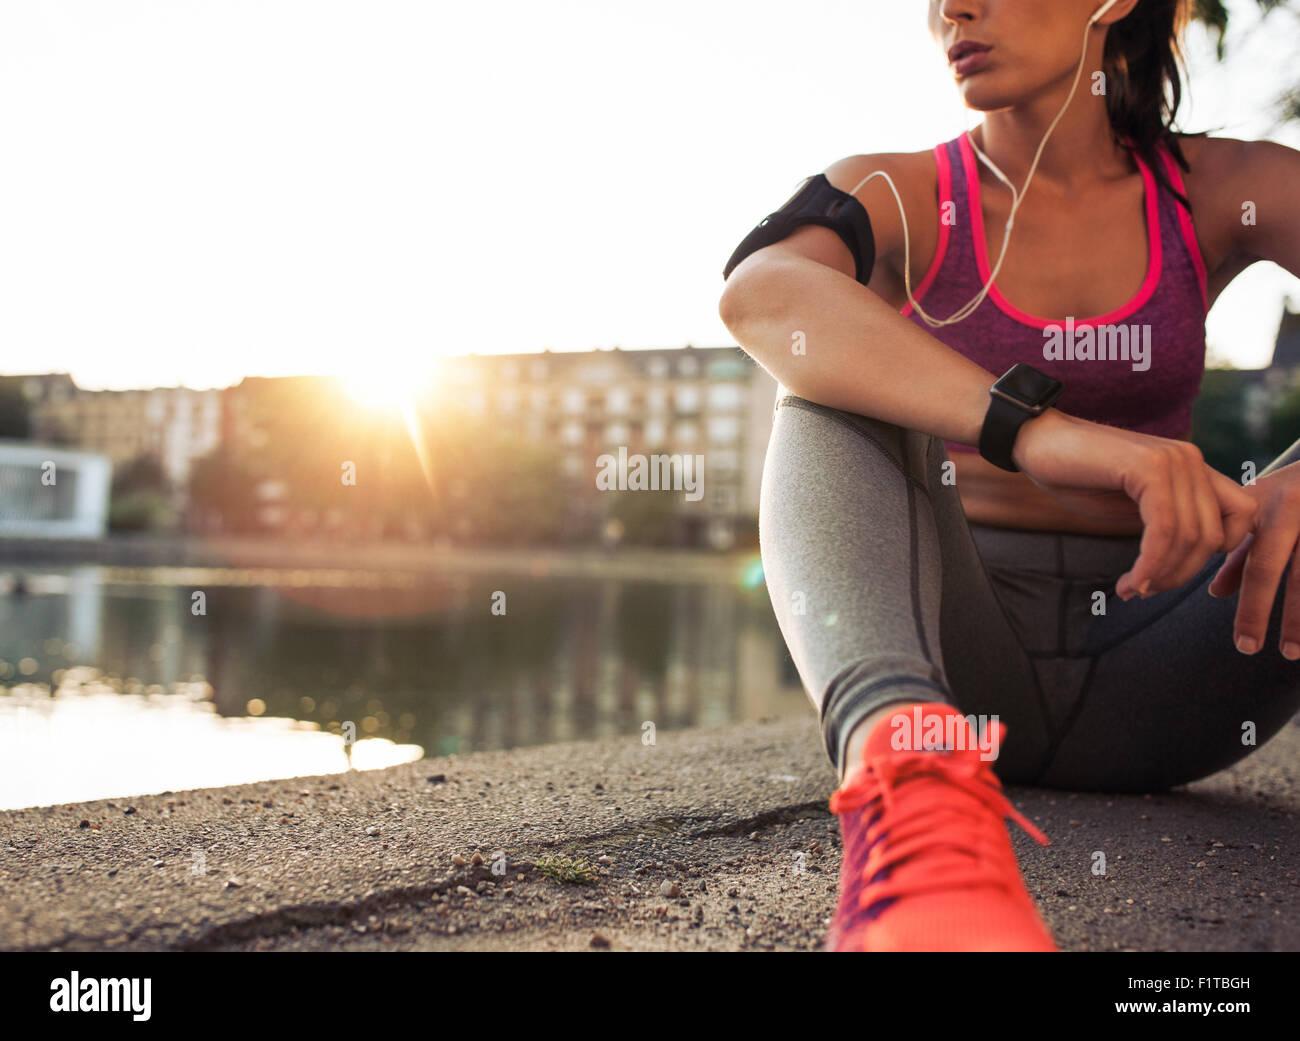 Jeune femme runner se reposant après séance d'entraînement sur matin ensoleillé. Modèle Photo Stock